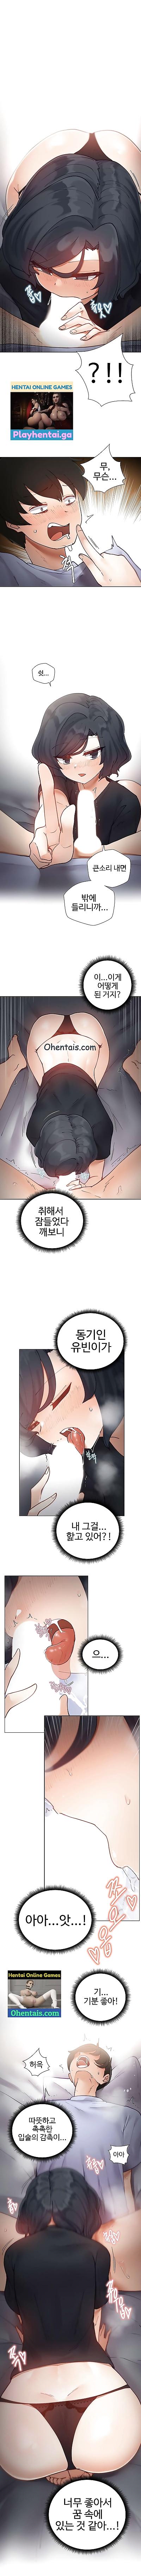 일진녀 과외하기 - ILJINNYEO TUTORING Ch.9 Korean